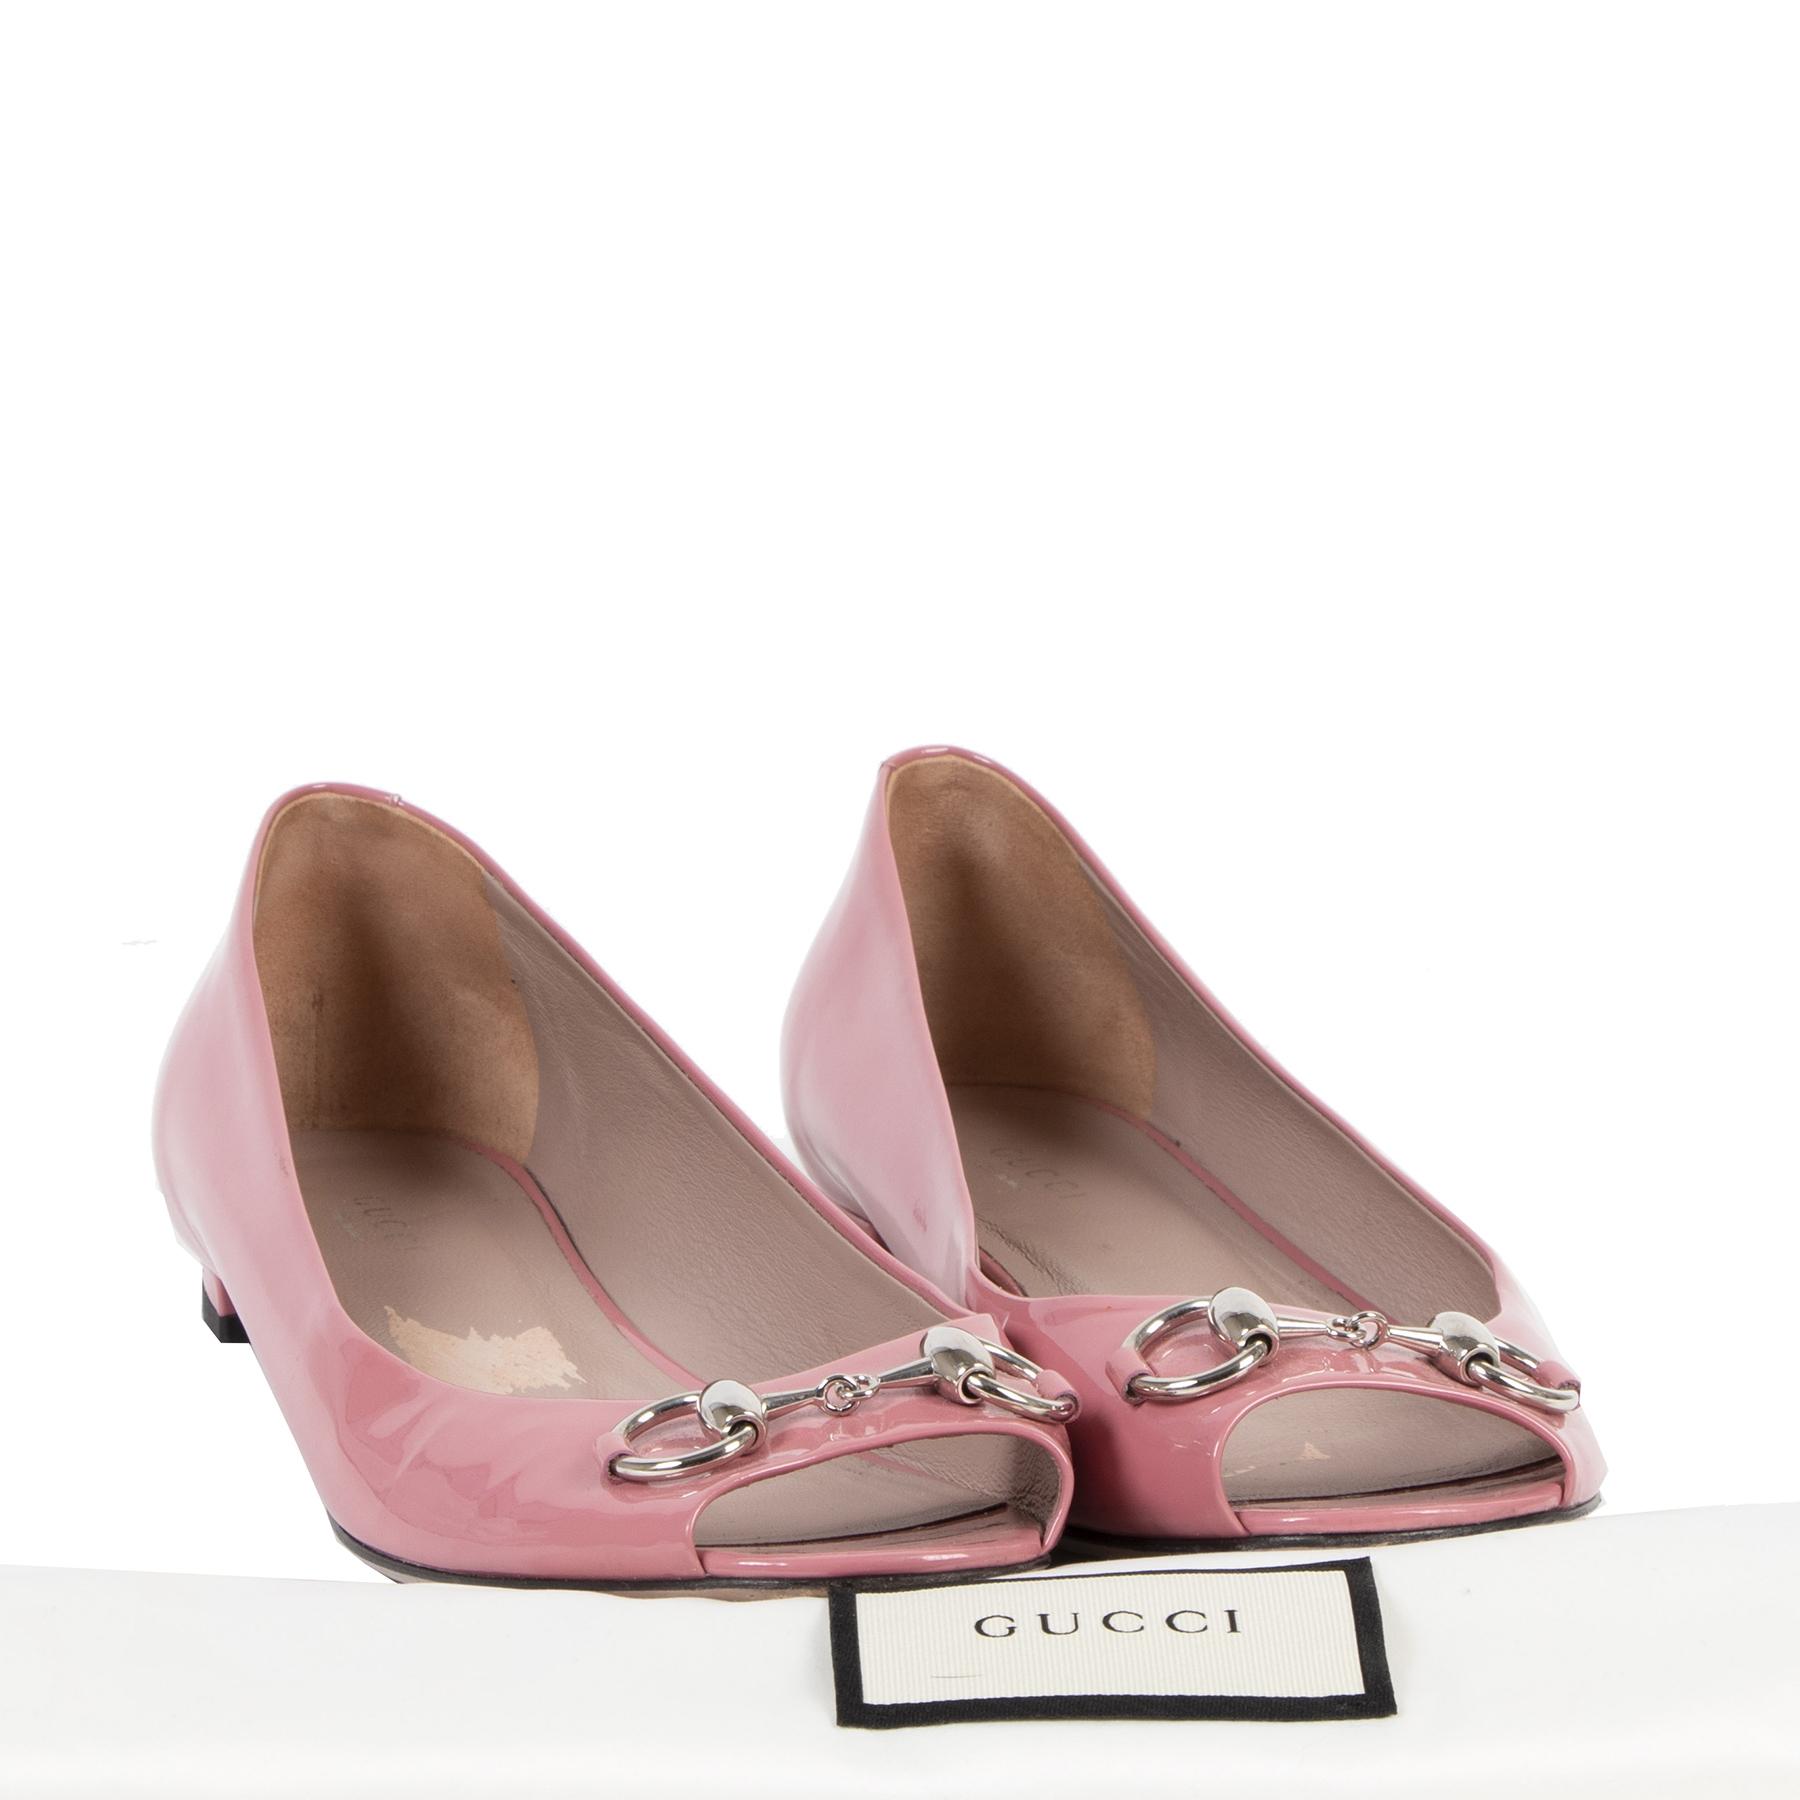 Authentieke Tweedehands Gucci Pink Horsebit Patent Leather Open Toe Ballerina Flats - 39,5 juiste prijs veilig online shoppen luxe merken webshop winkelen Antwerpen België mode fashion